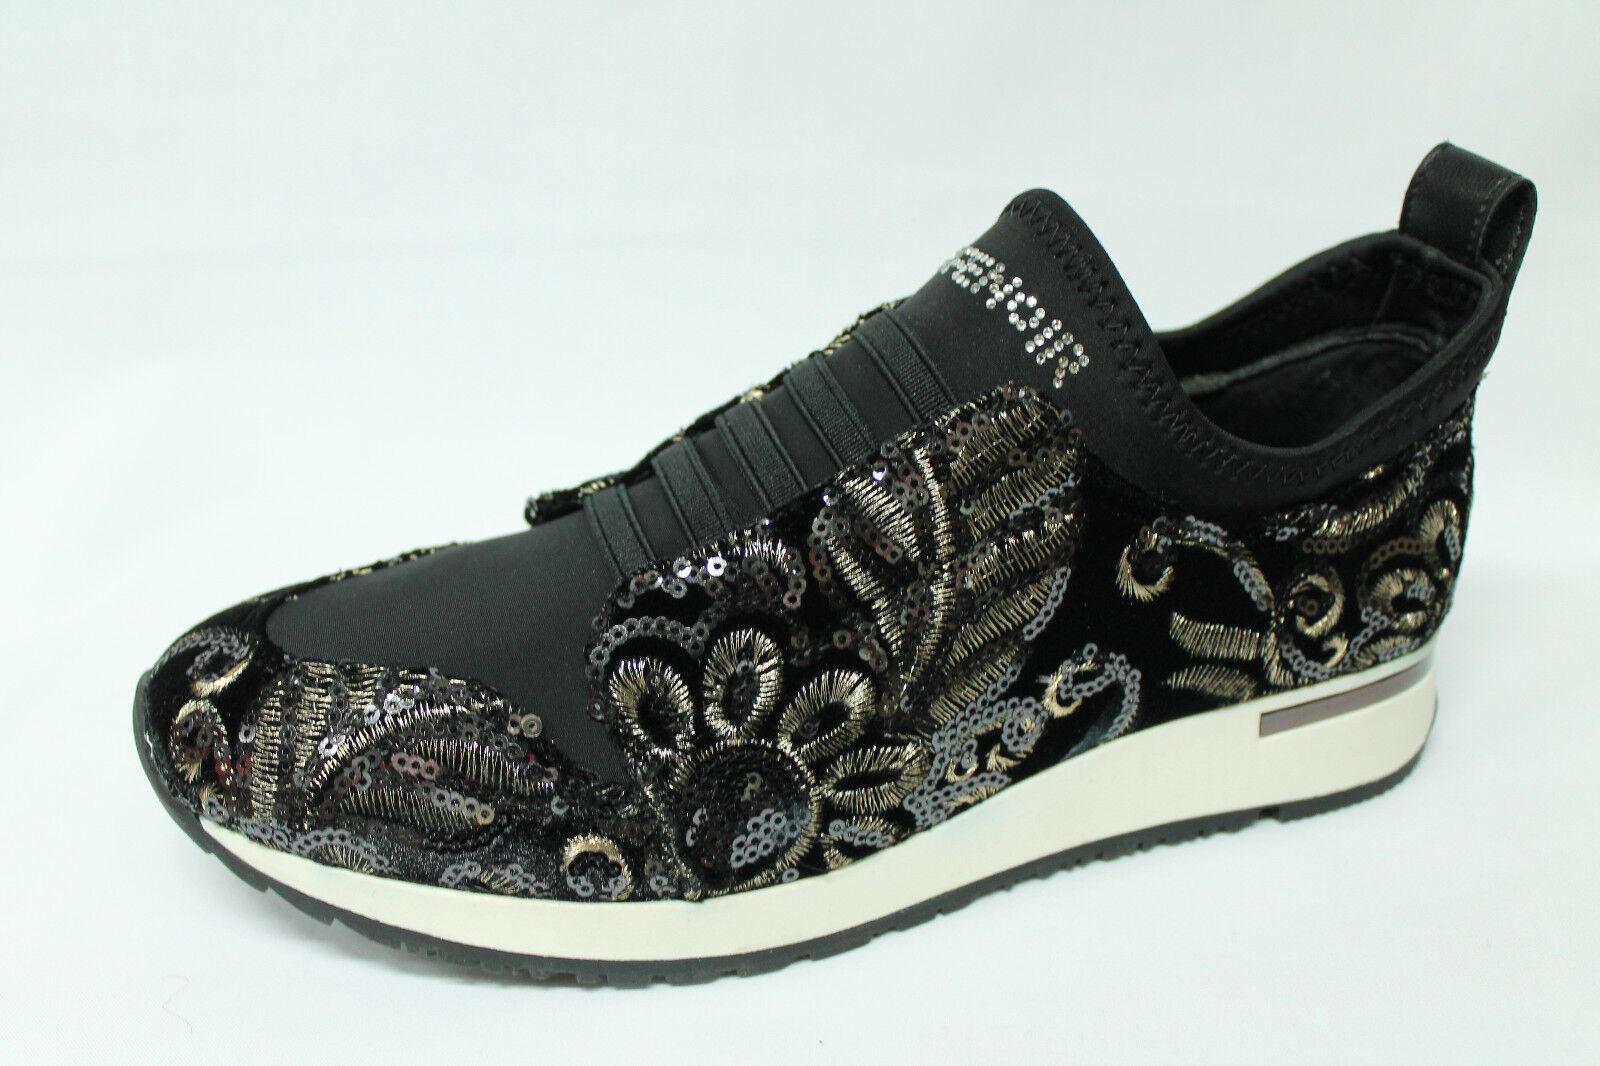 Scarpe sneakers Café Noir LDL901 nero damascato paillettes listino - 30%